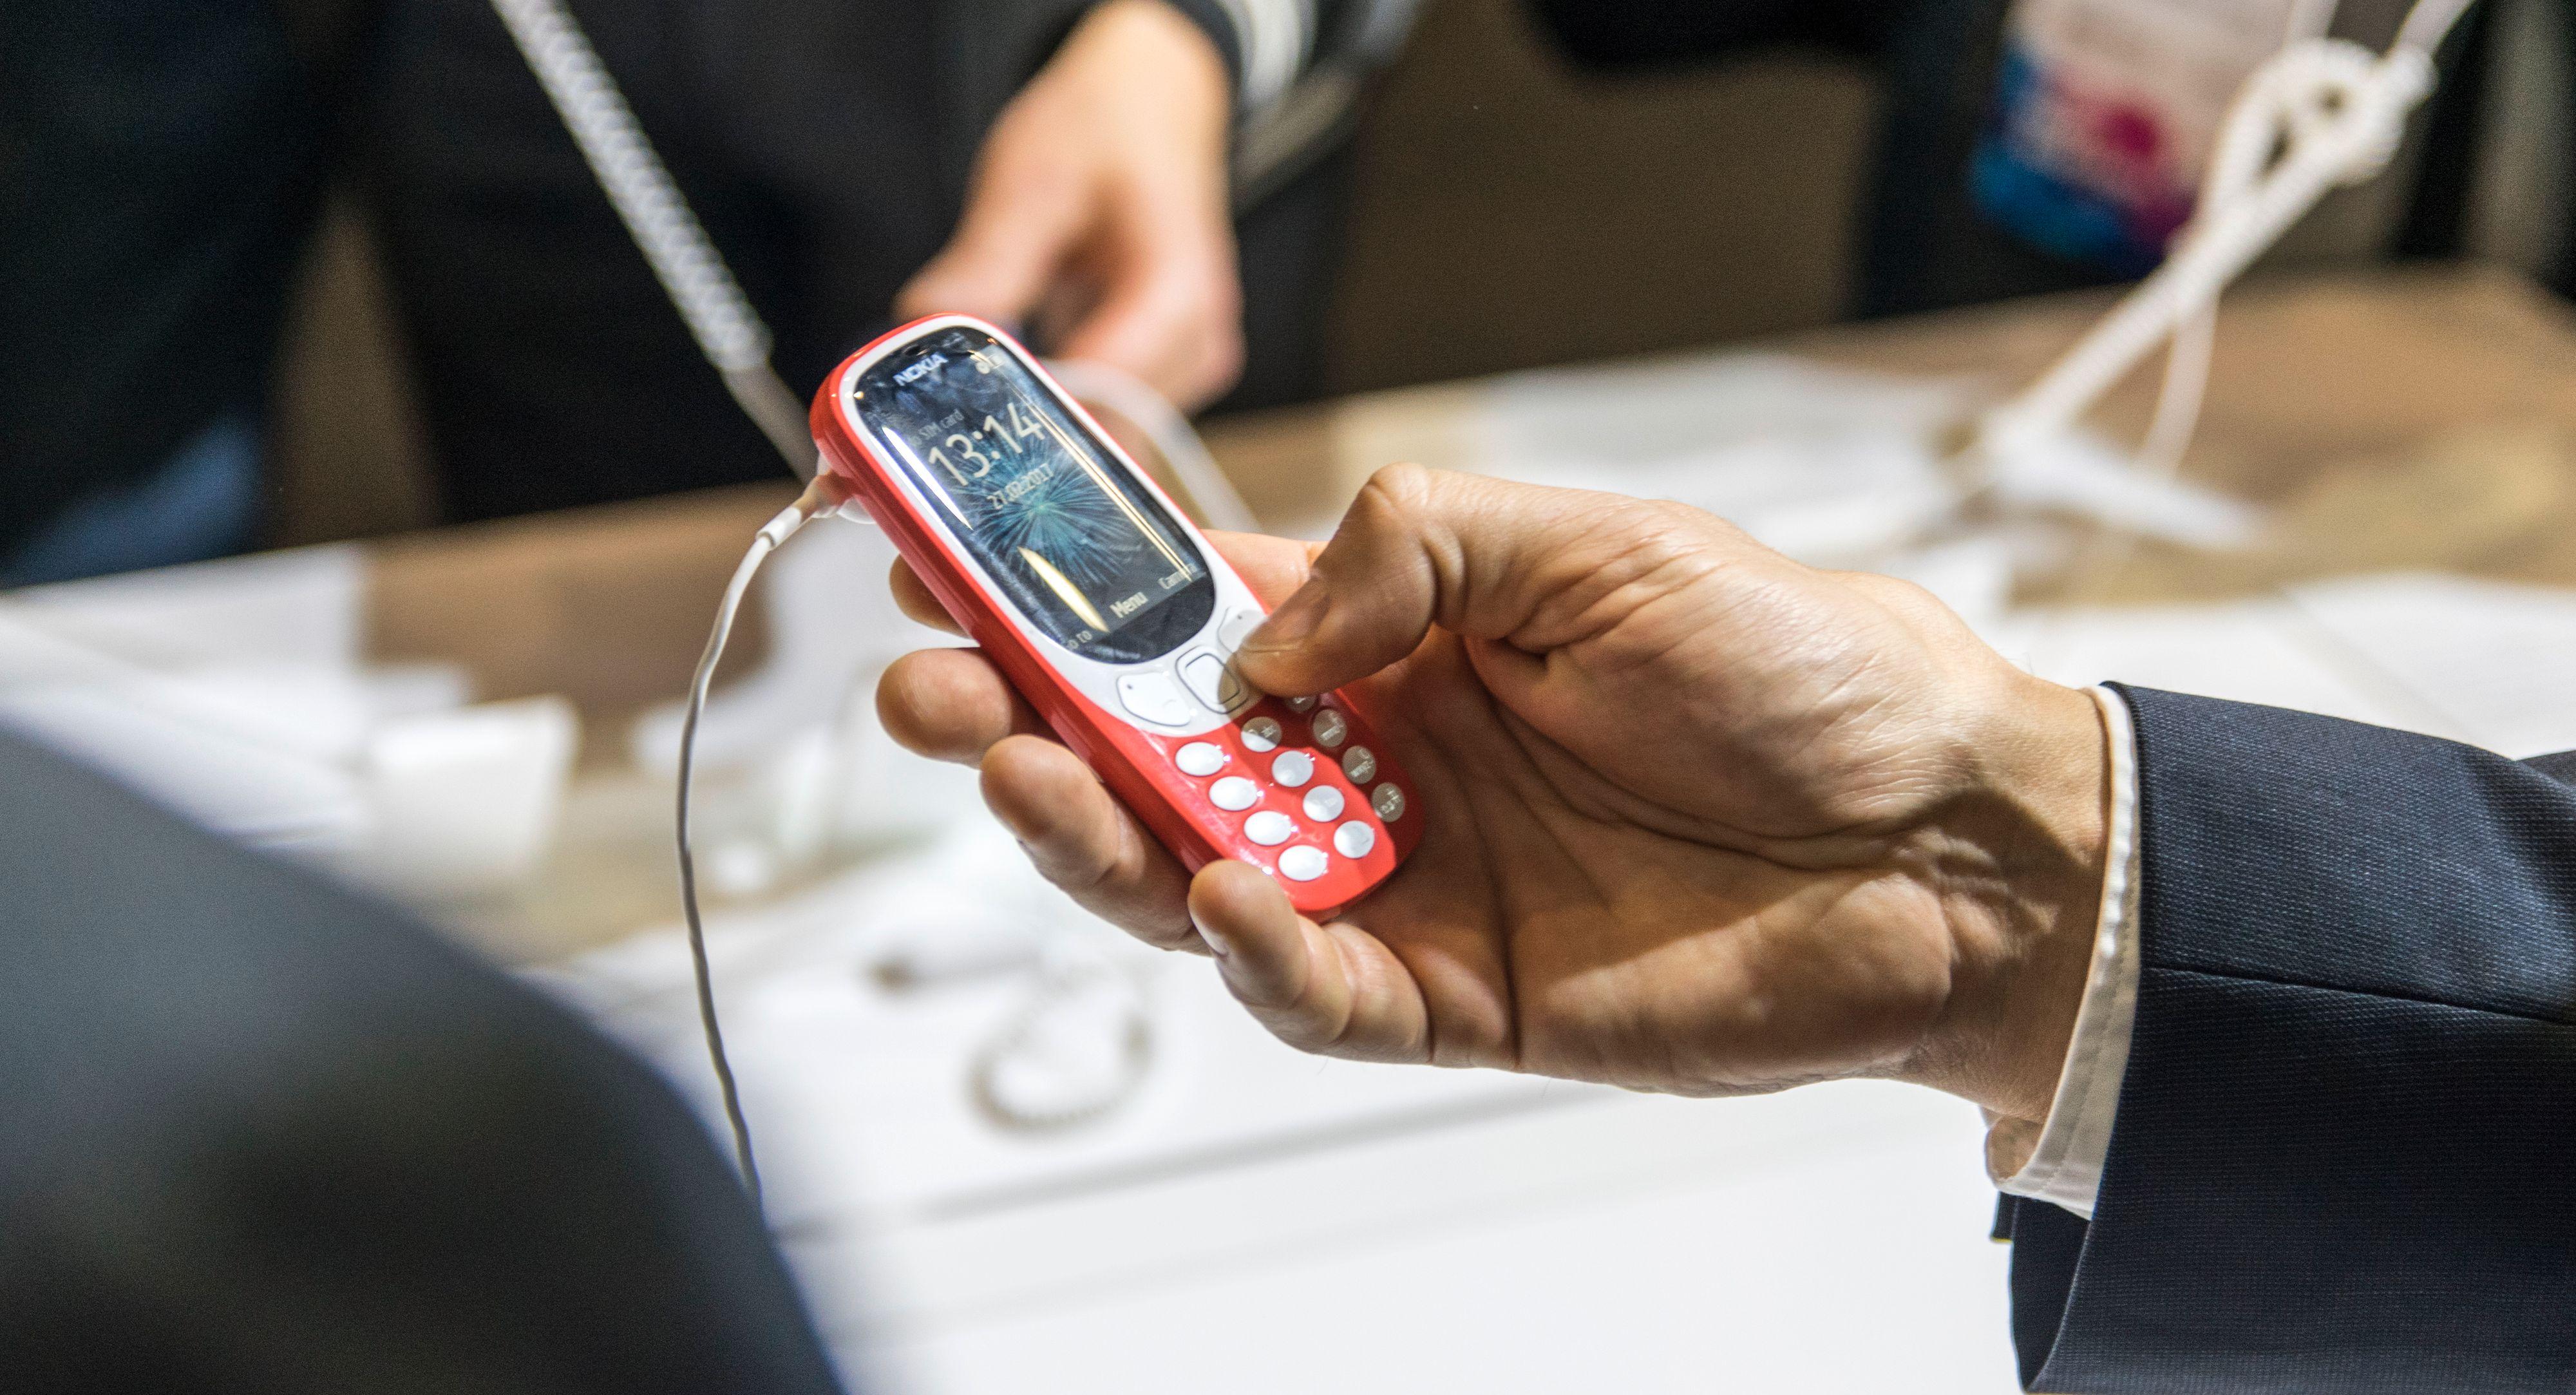 2017-utgaven av Nokia 3310 kommer i en drøss av forskjellige friske farger.